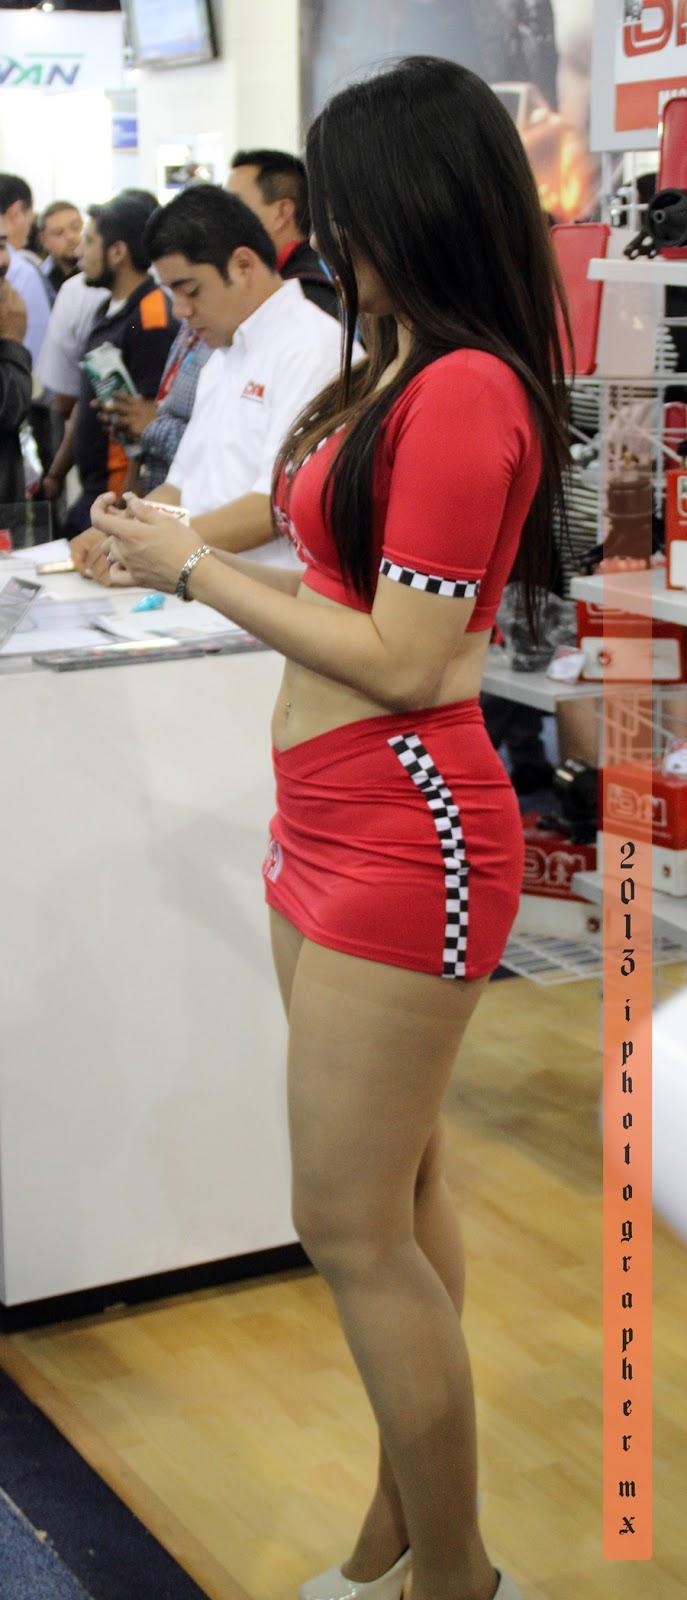 Modelo hermosas piernas - 5 3